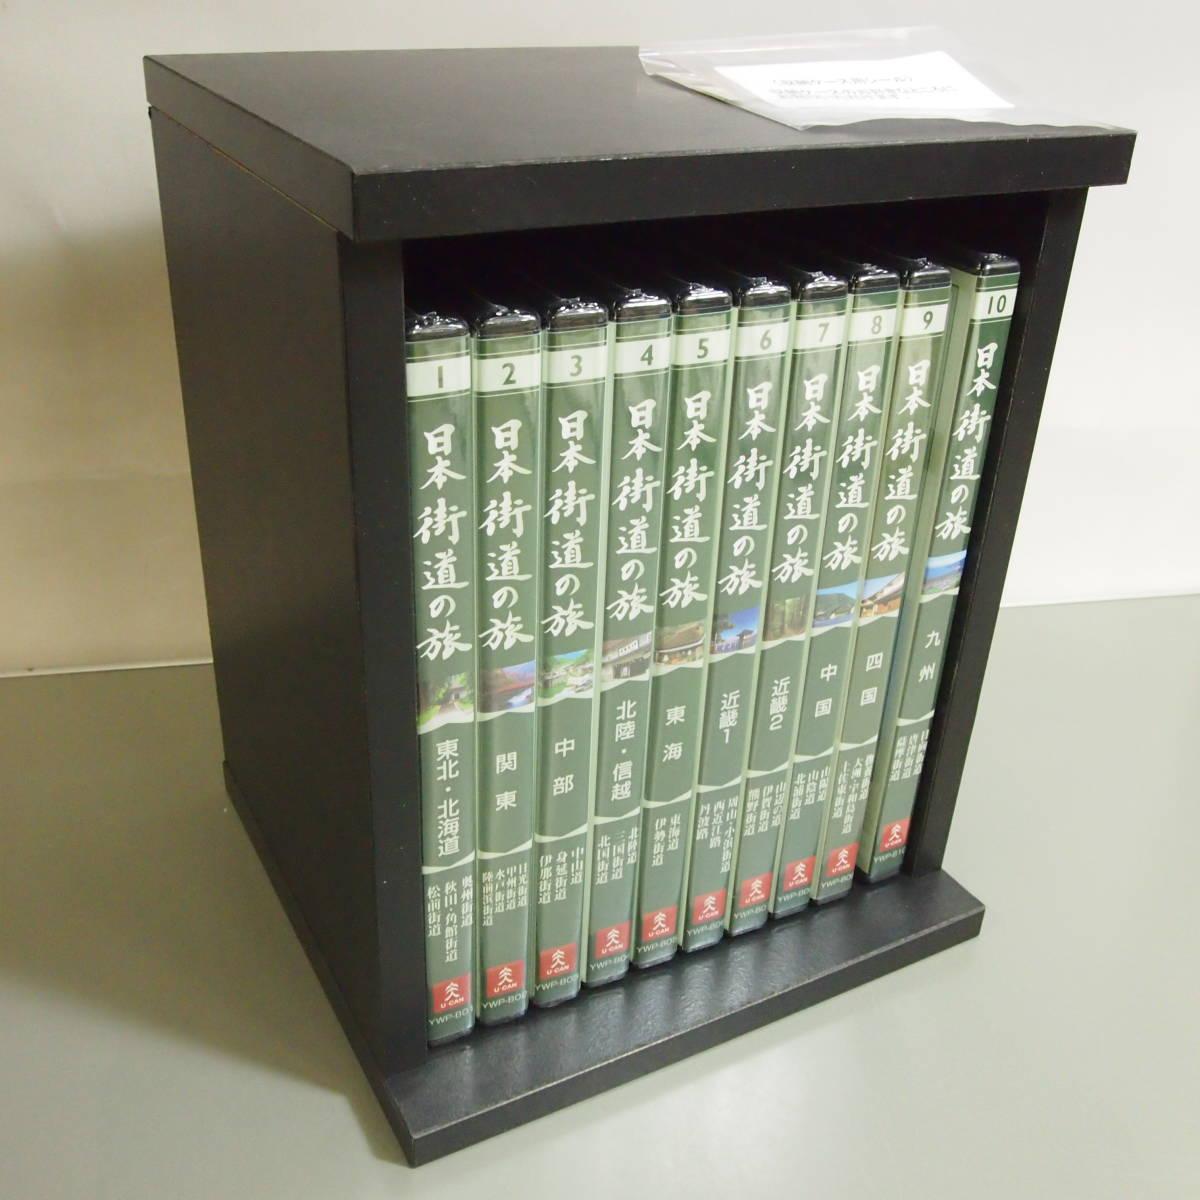 ユーキャン 日本 街道の旅 DVD 10巻セット 木製ケース付き 未開封品